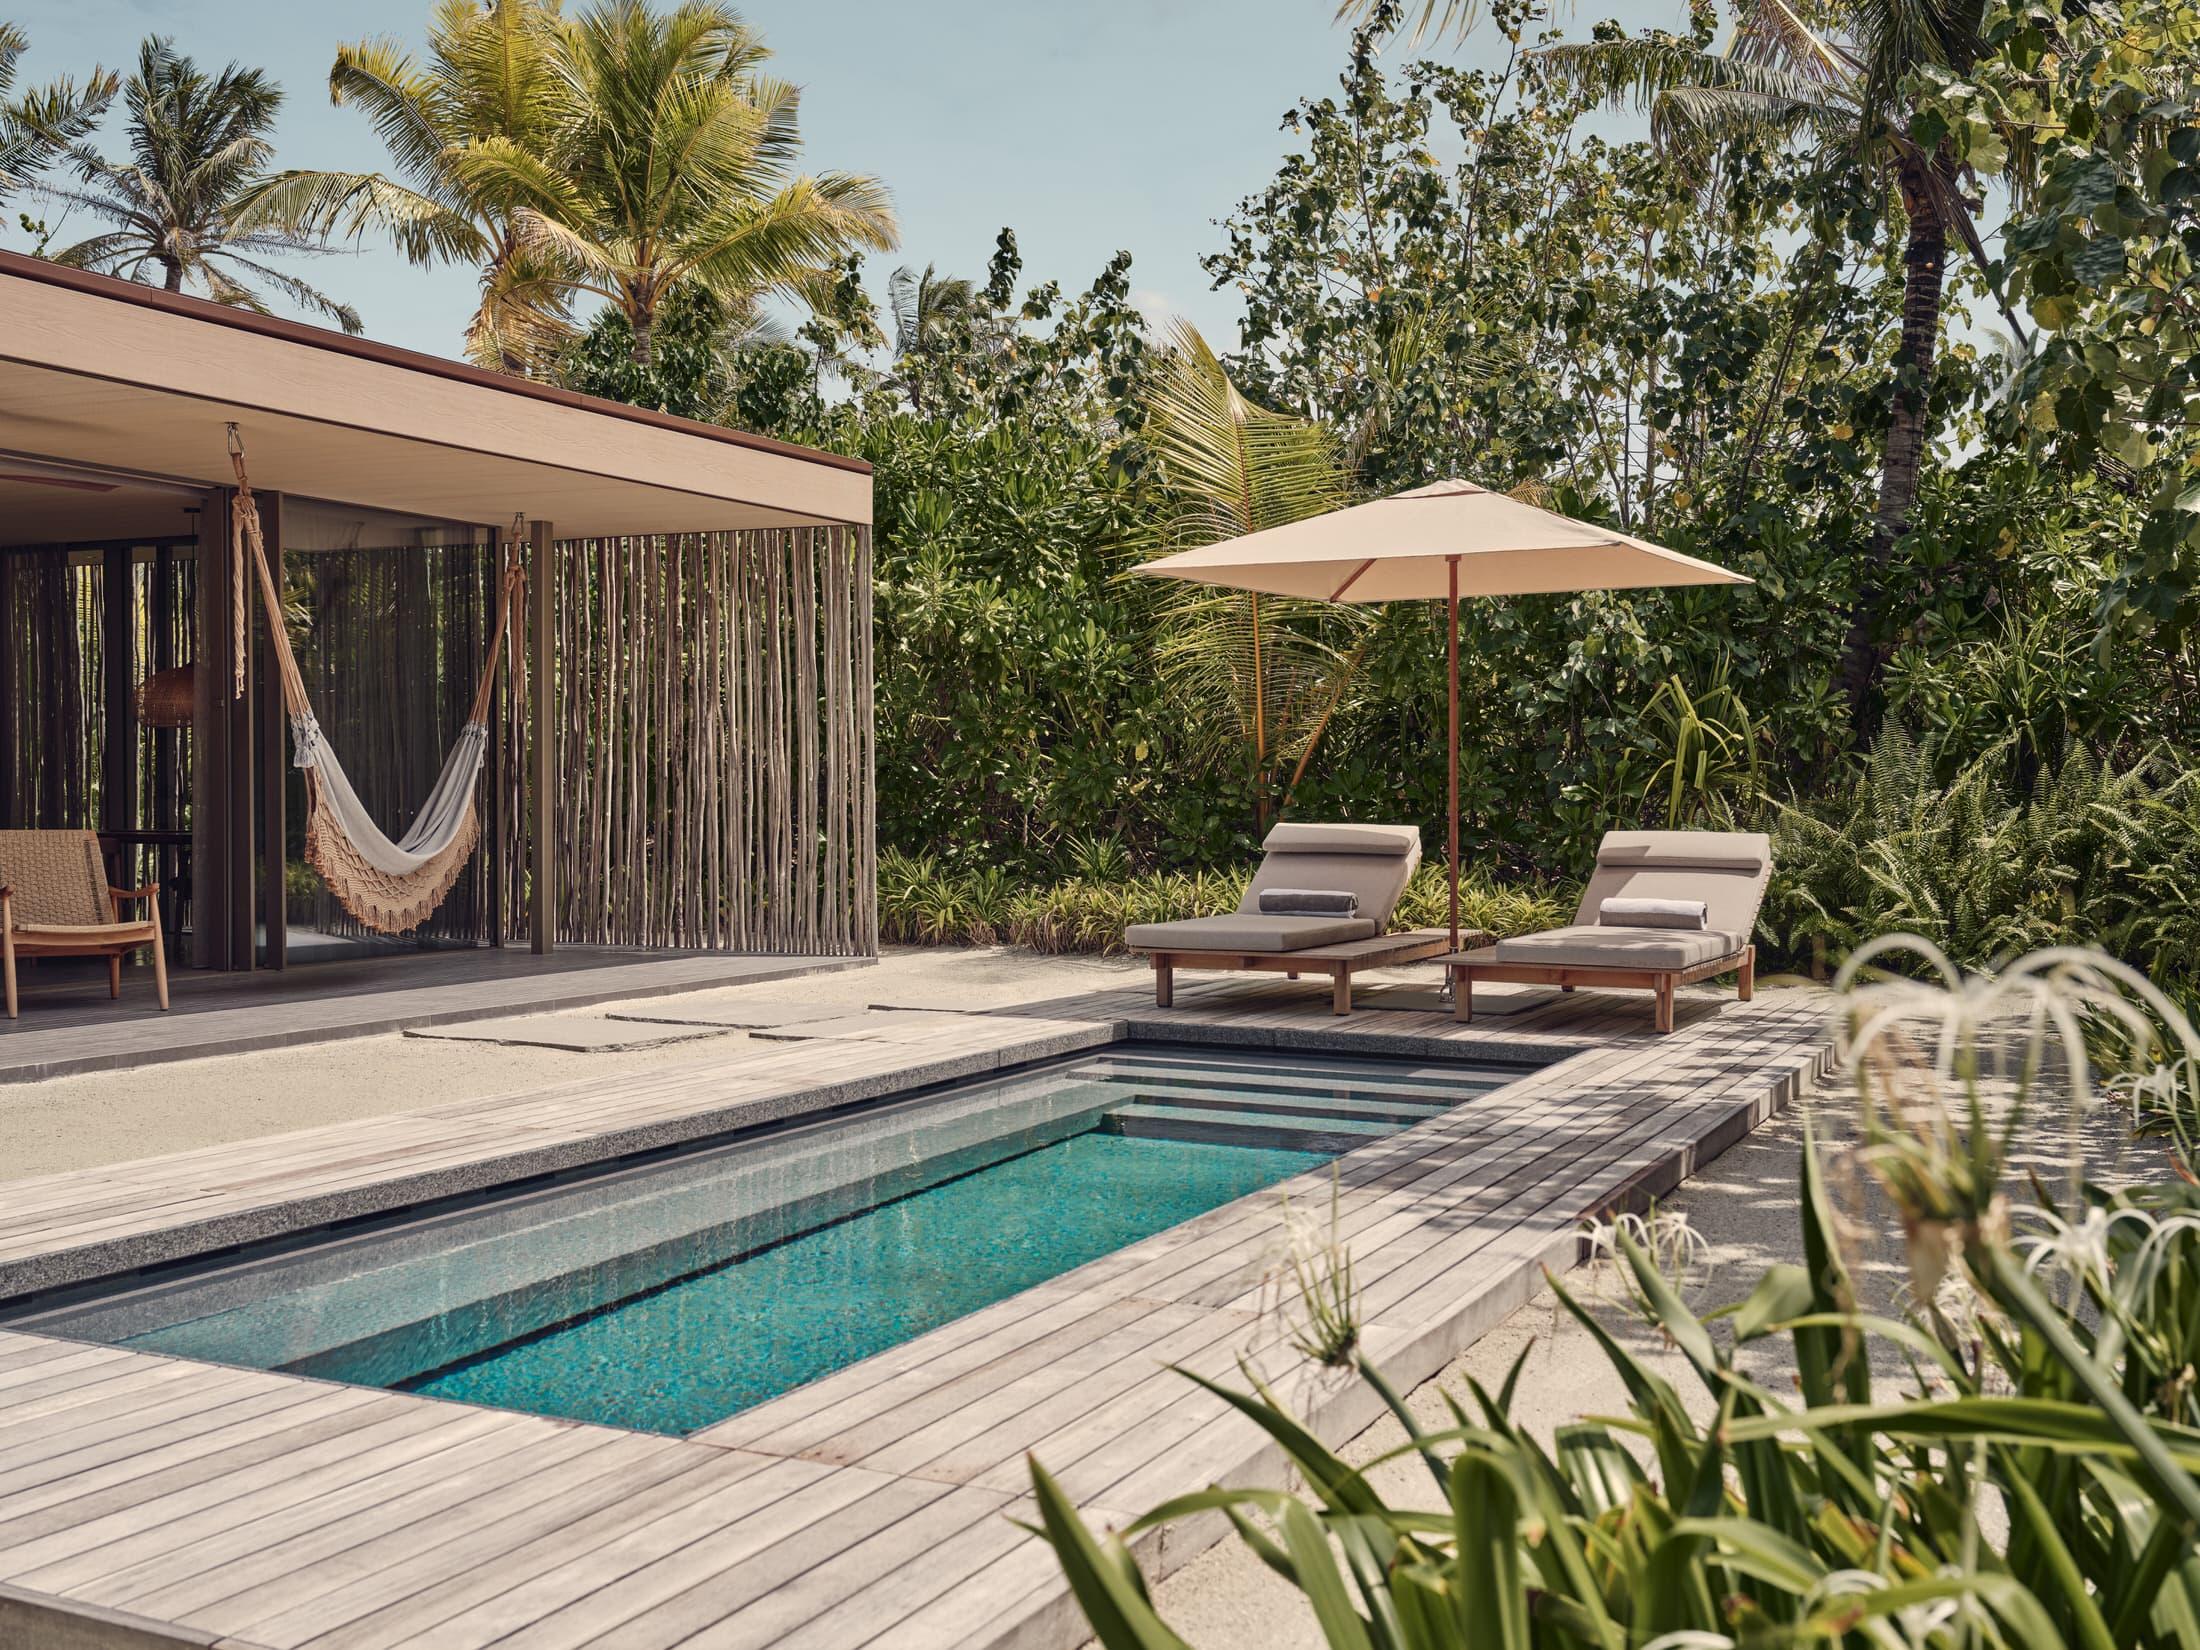 Studio Mk27 Patina Maldives Luxury Resort Yellowtrace 29